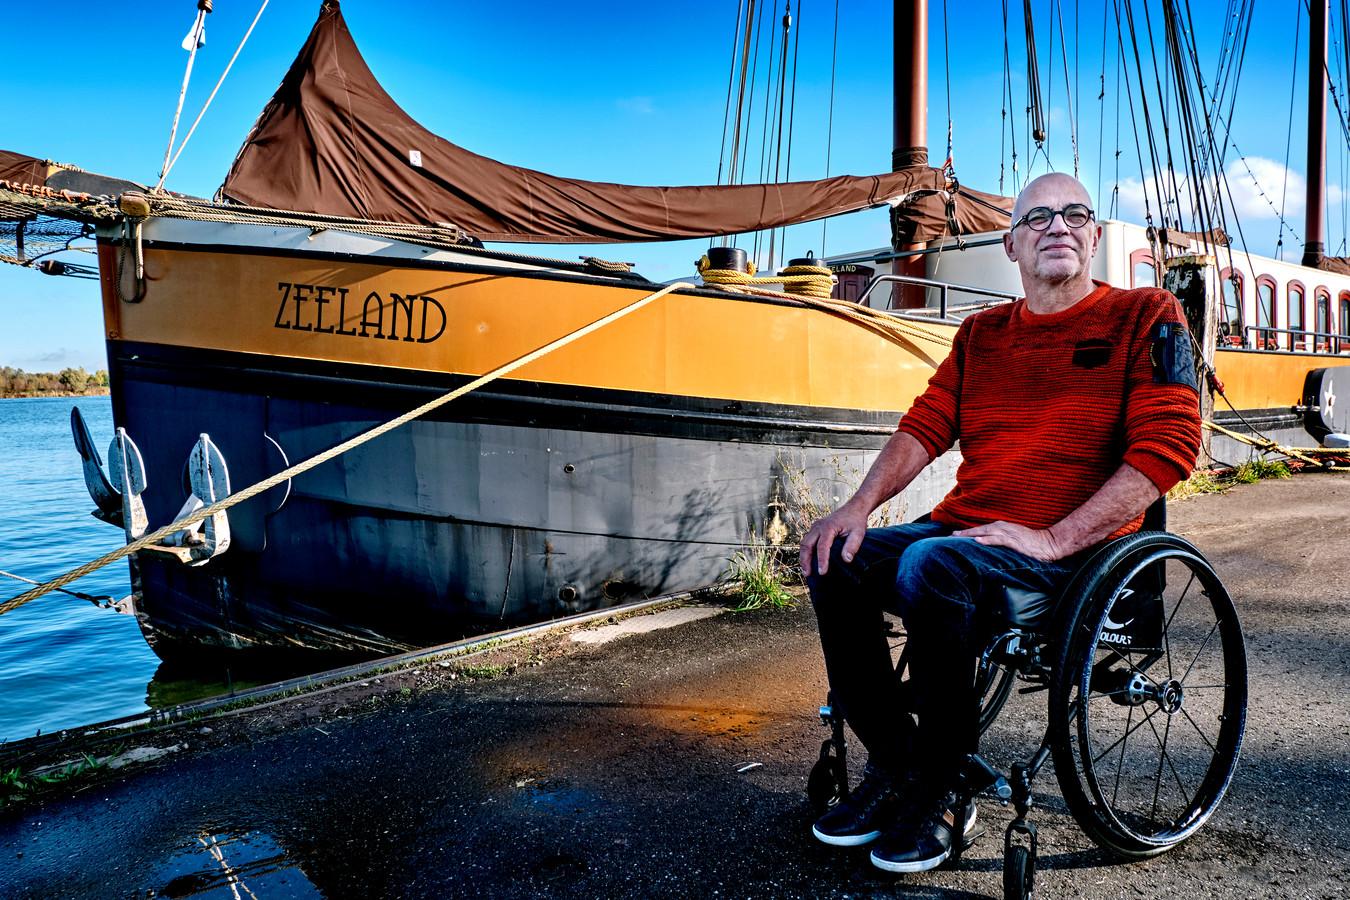 Zeilcharterschip De Zeeland gaat de komende tijd steeds meer focus leggen op ouderen en mensen met een beperking.